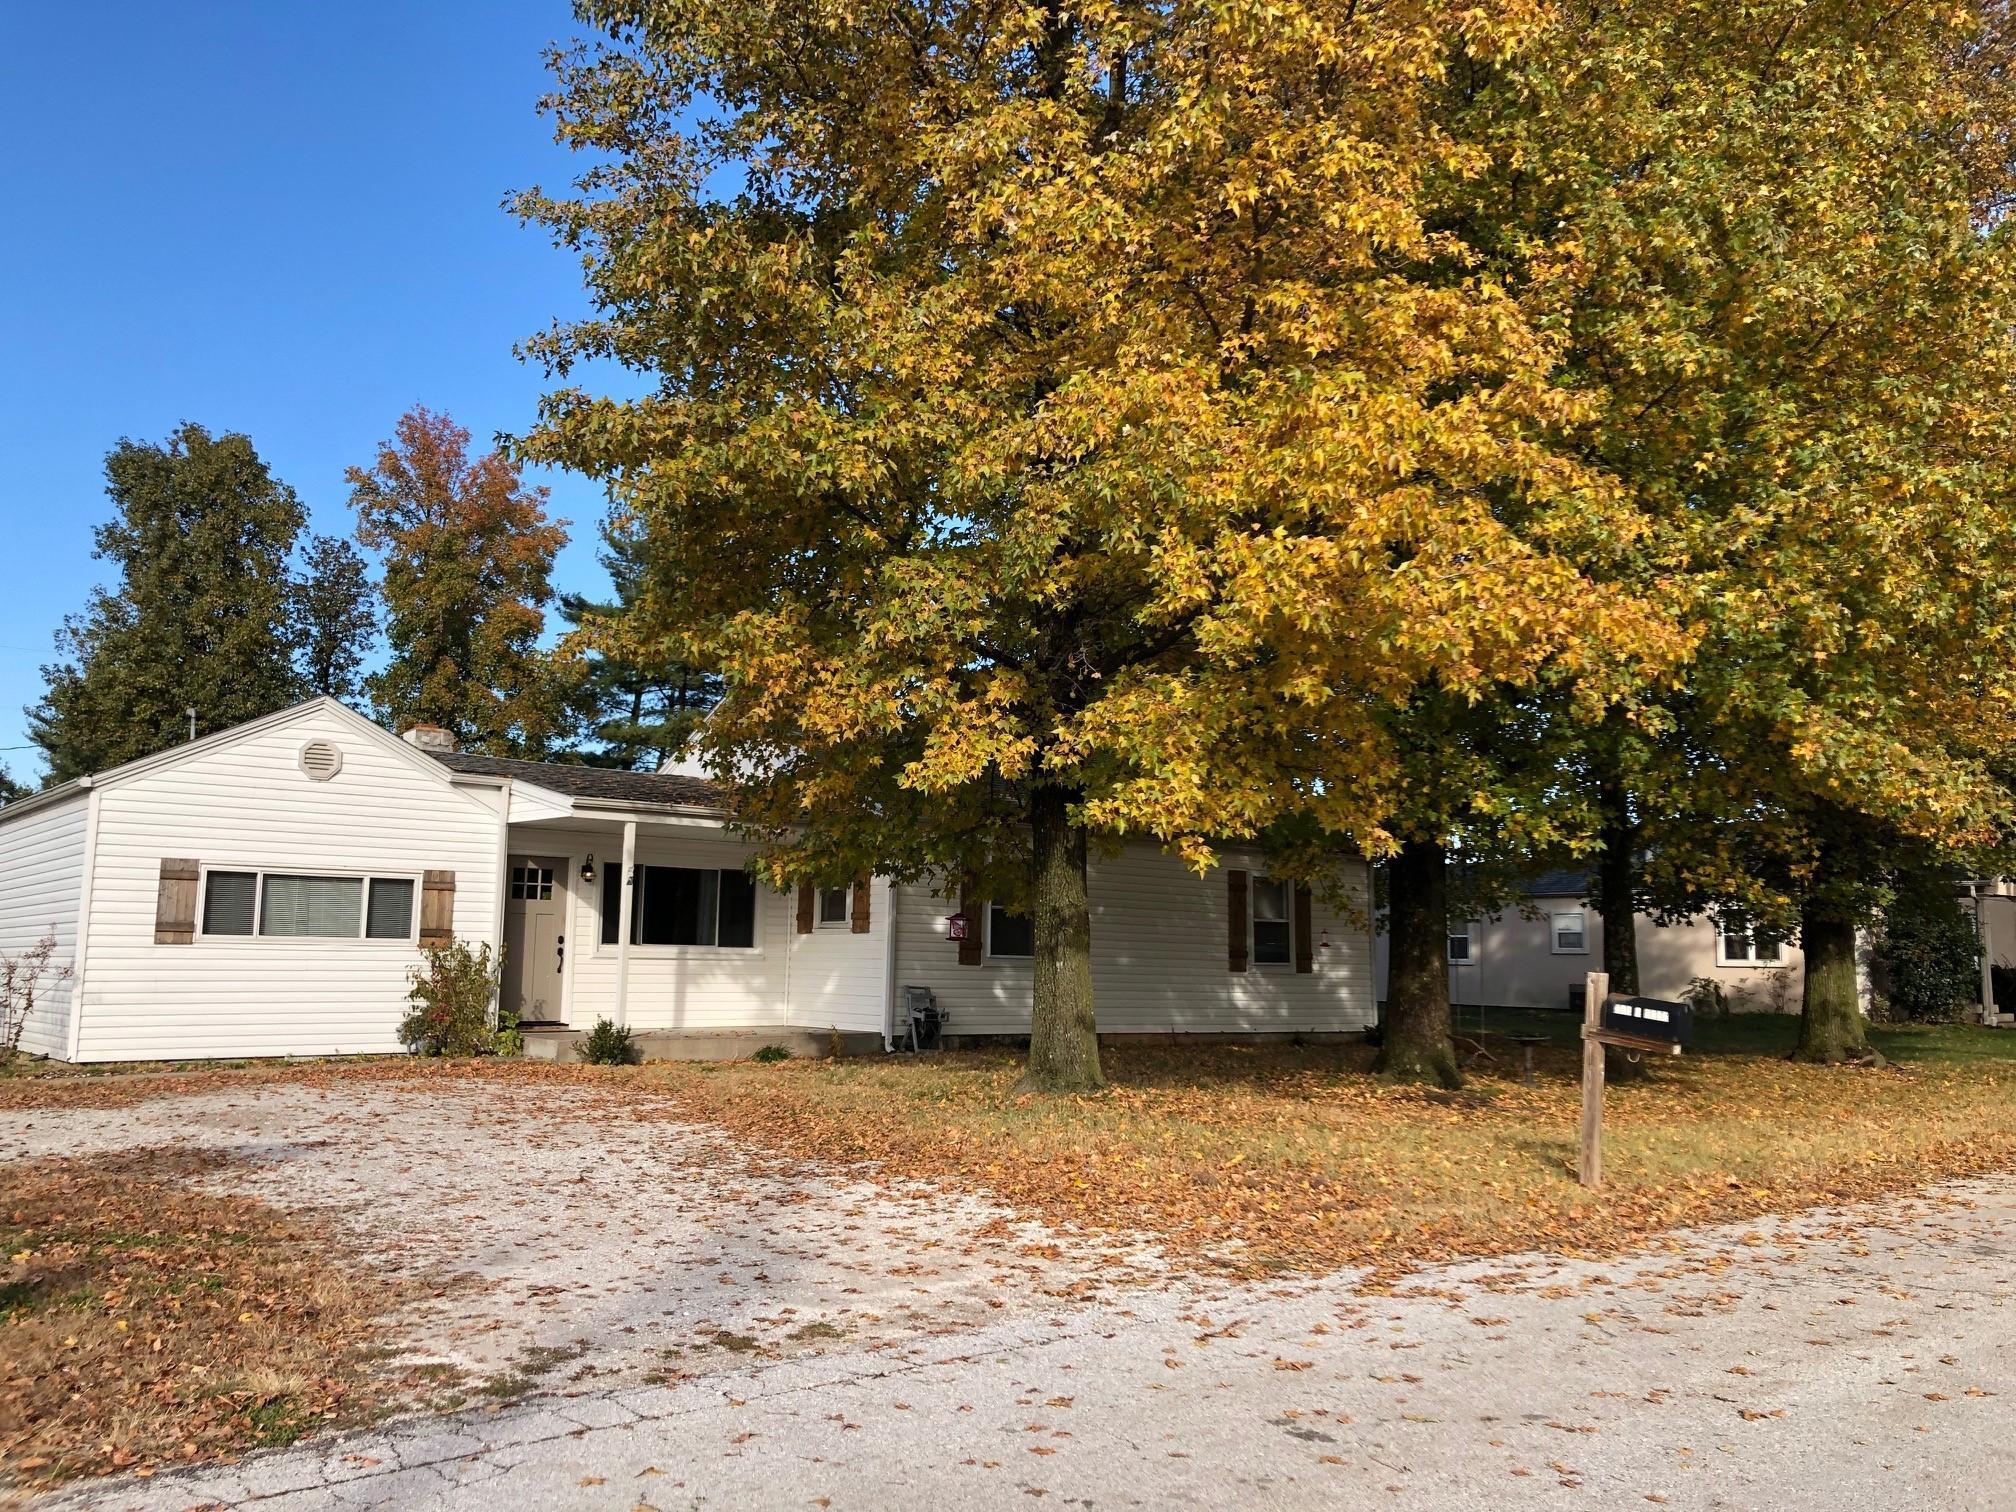 413 Beam Street Willard, MO 65781